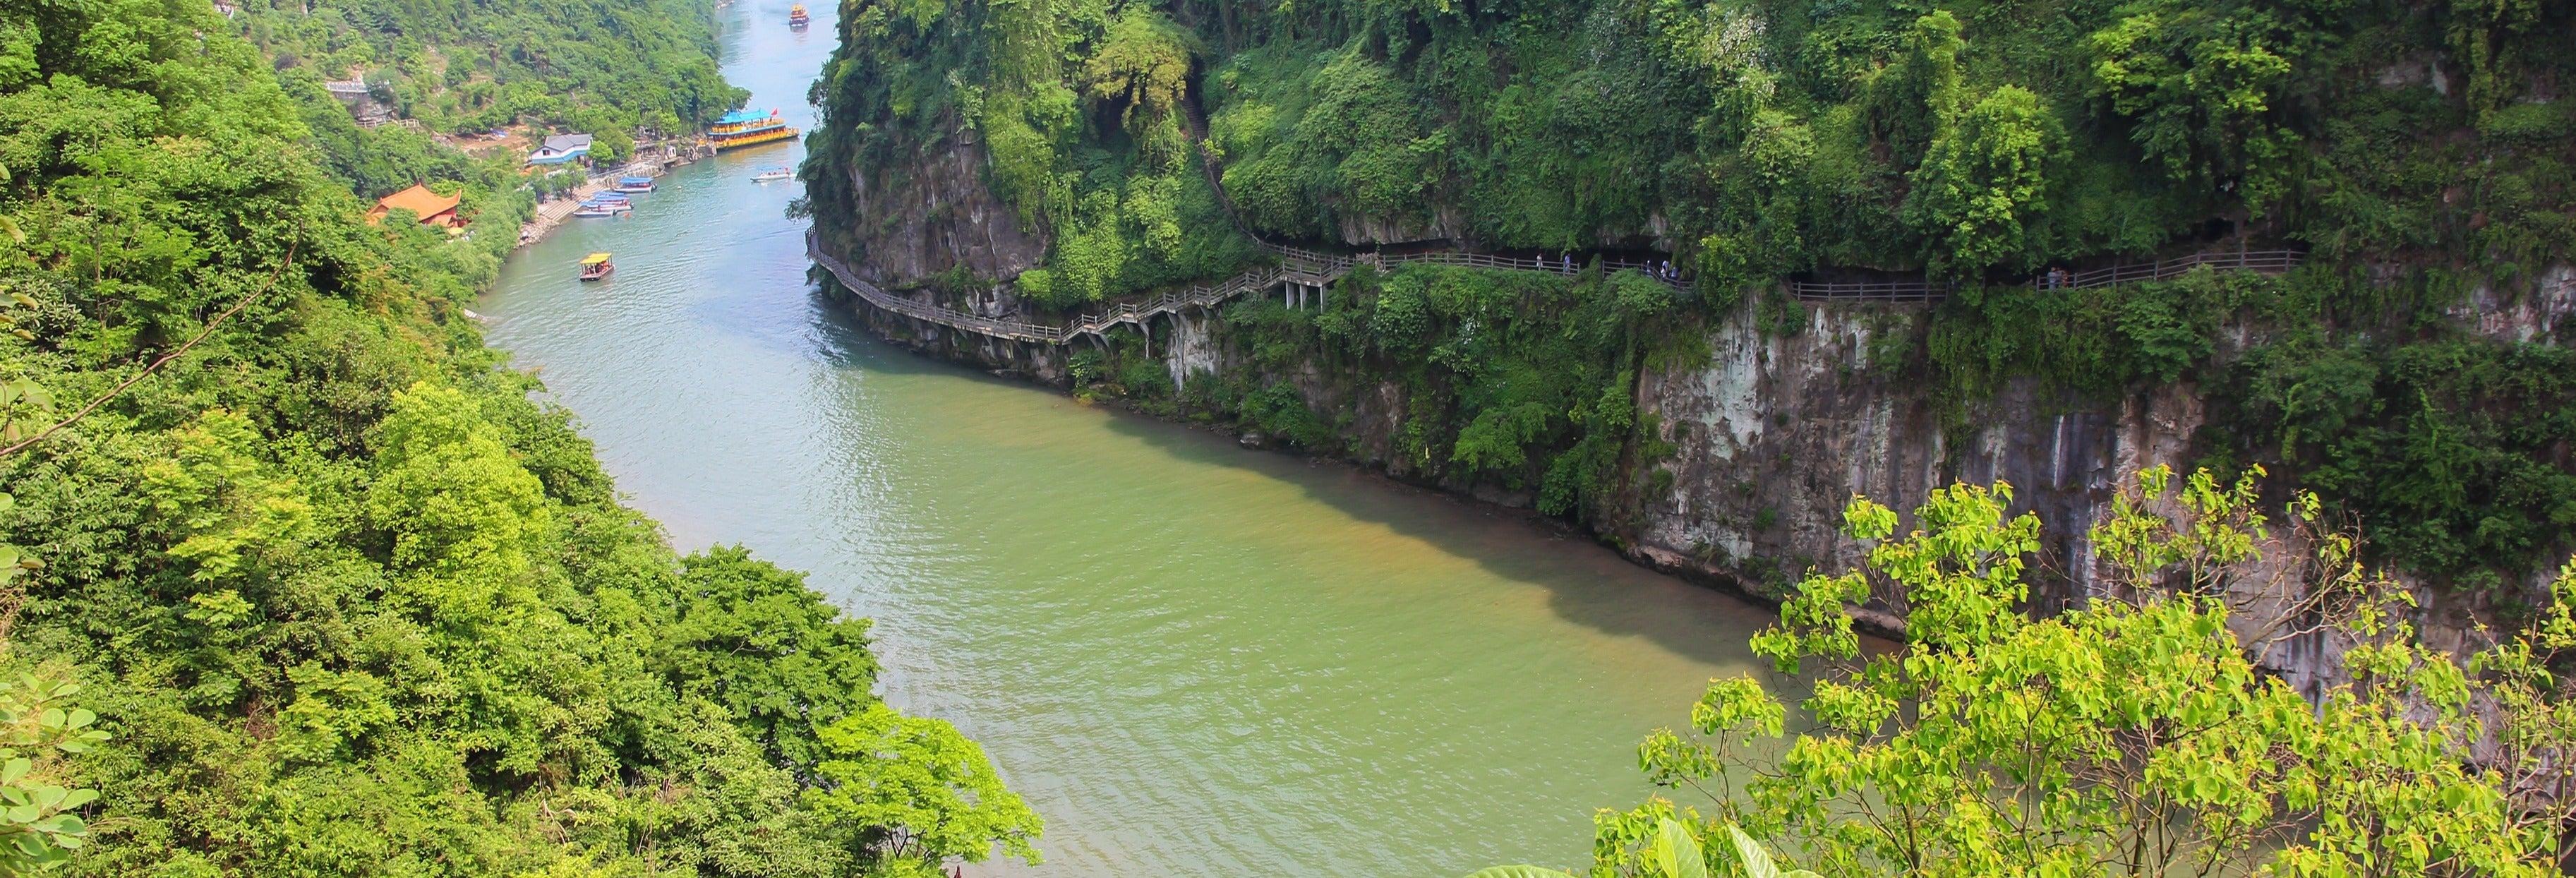 Crucero de 5 días por el río Yangtsé hasta Chongqing